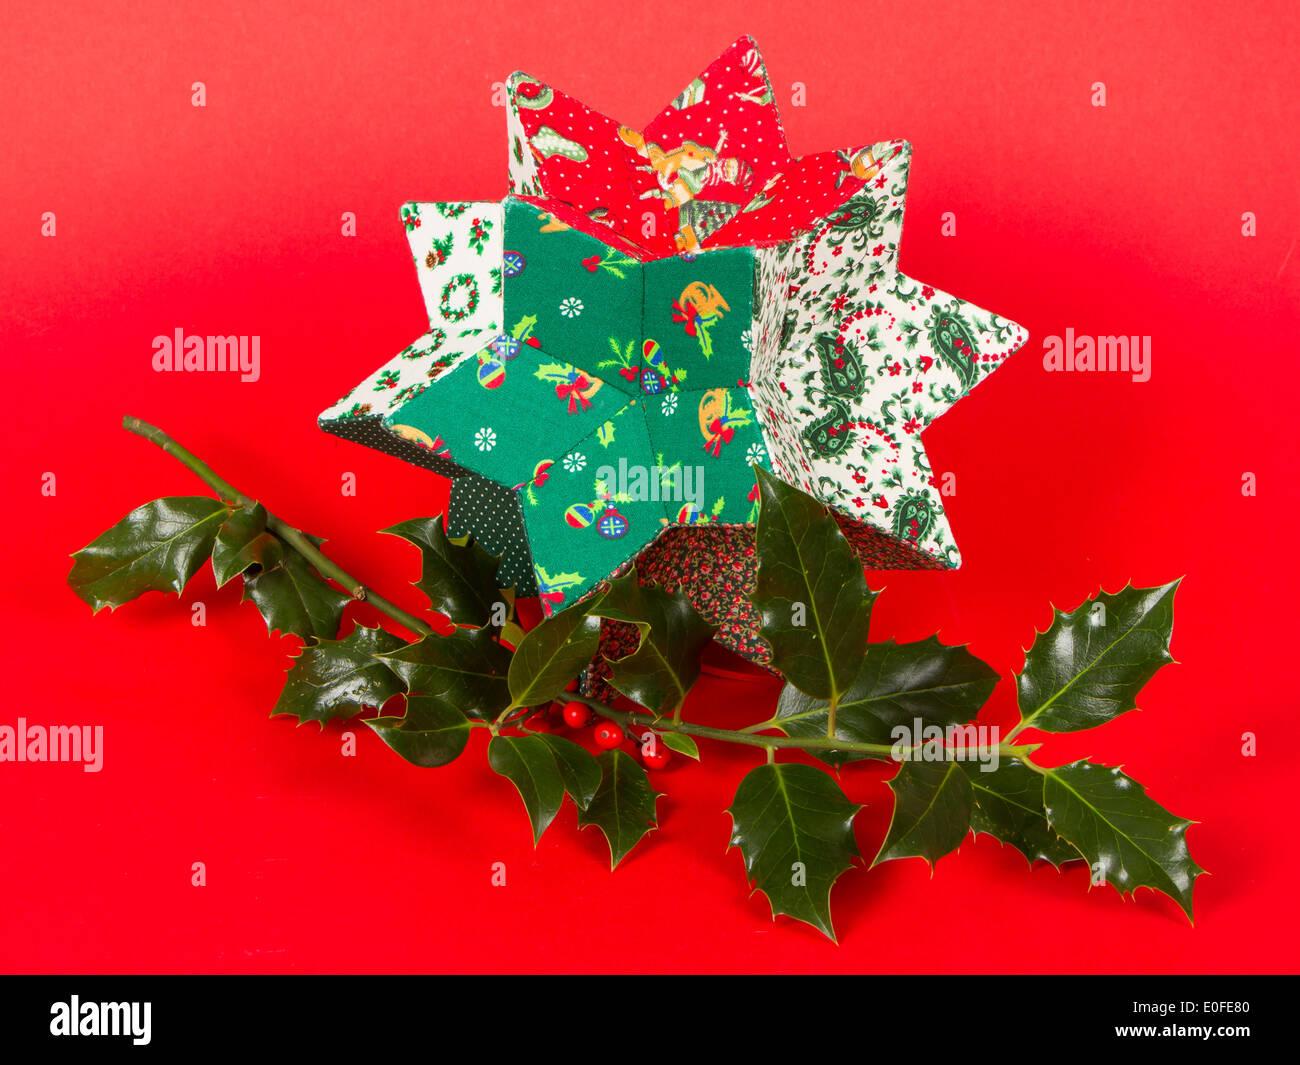 Pungitopo Decorazioni Natalizie.Il Pungitopo E Decorazione Di Natale Isolato Su Bianco Foto